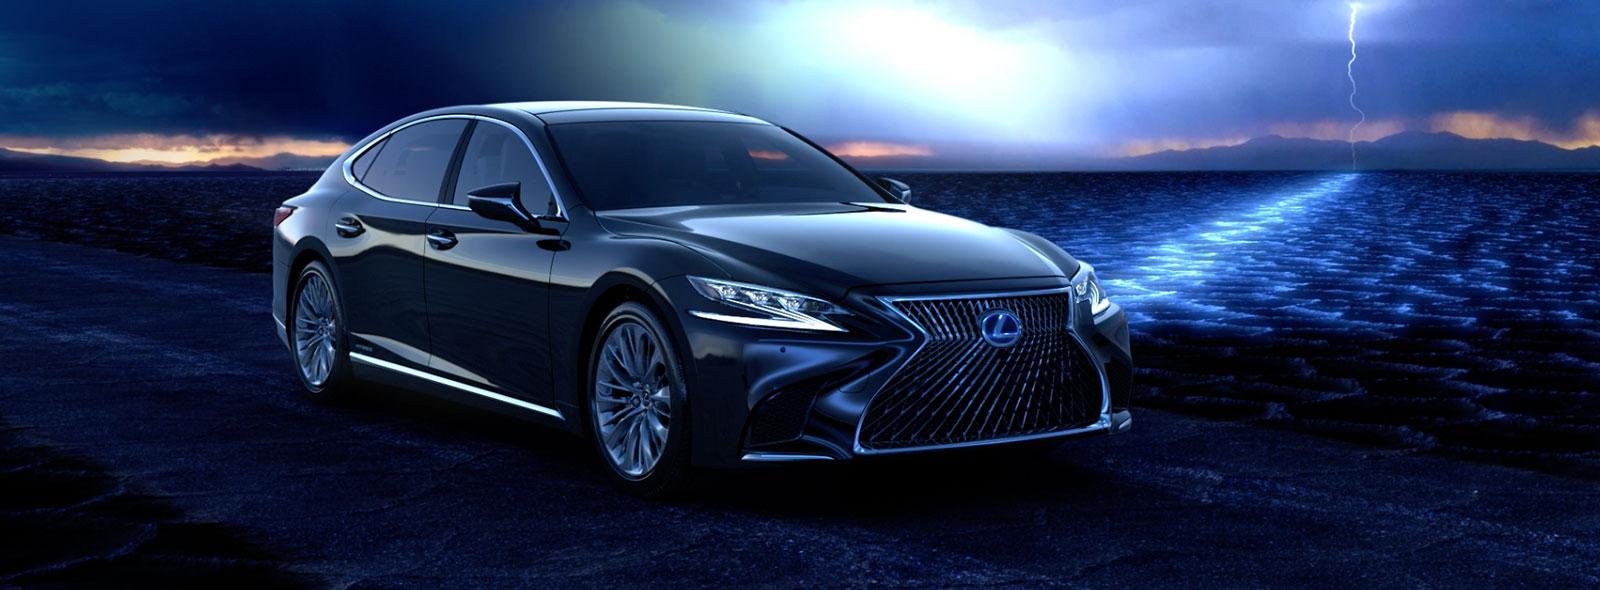 Videobild Lexus LS 500h introduktion